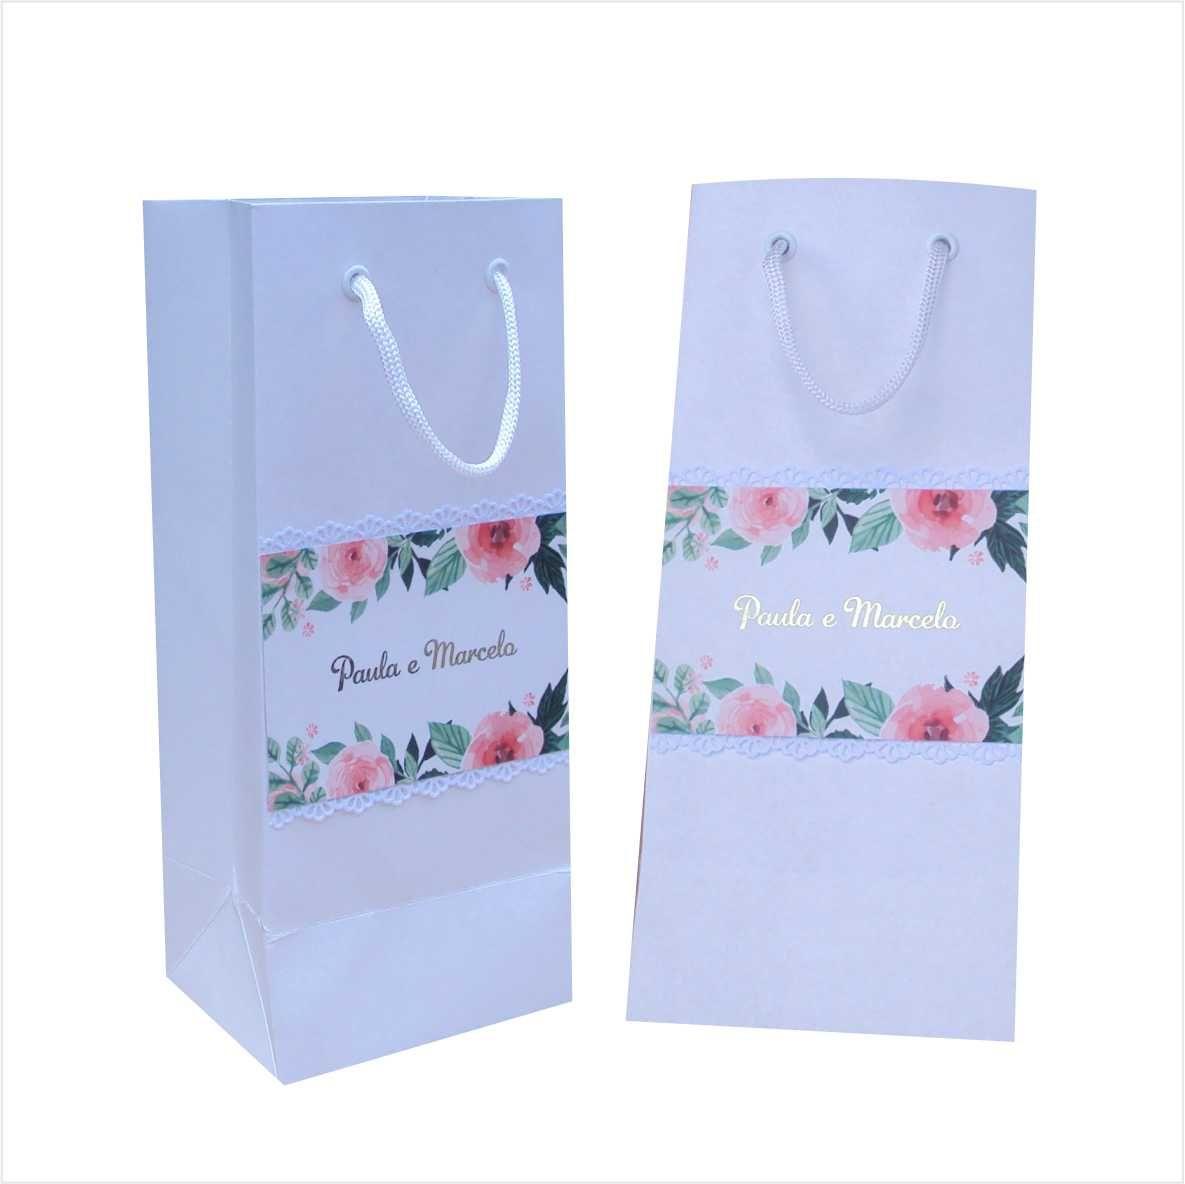 Sacola de papel para mini garrafa - cor branca - personalizada (11x23x9 cm) 15 unidades